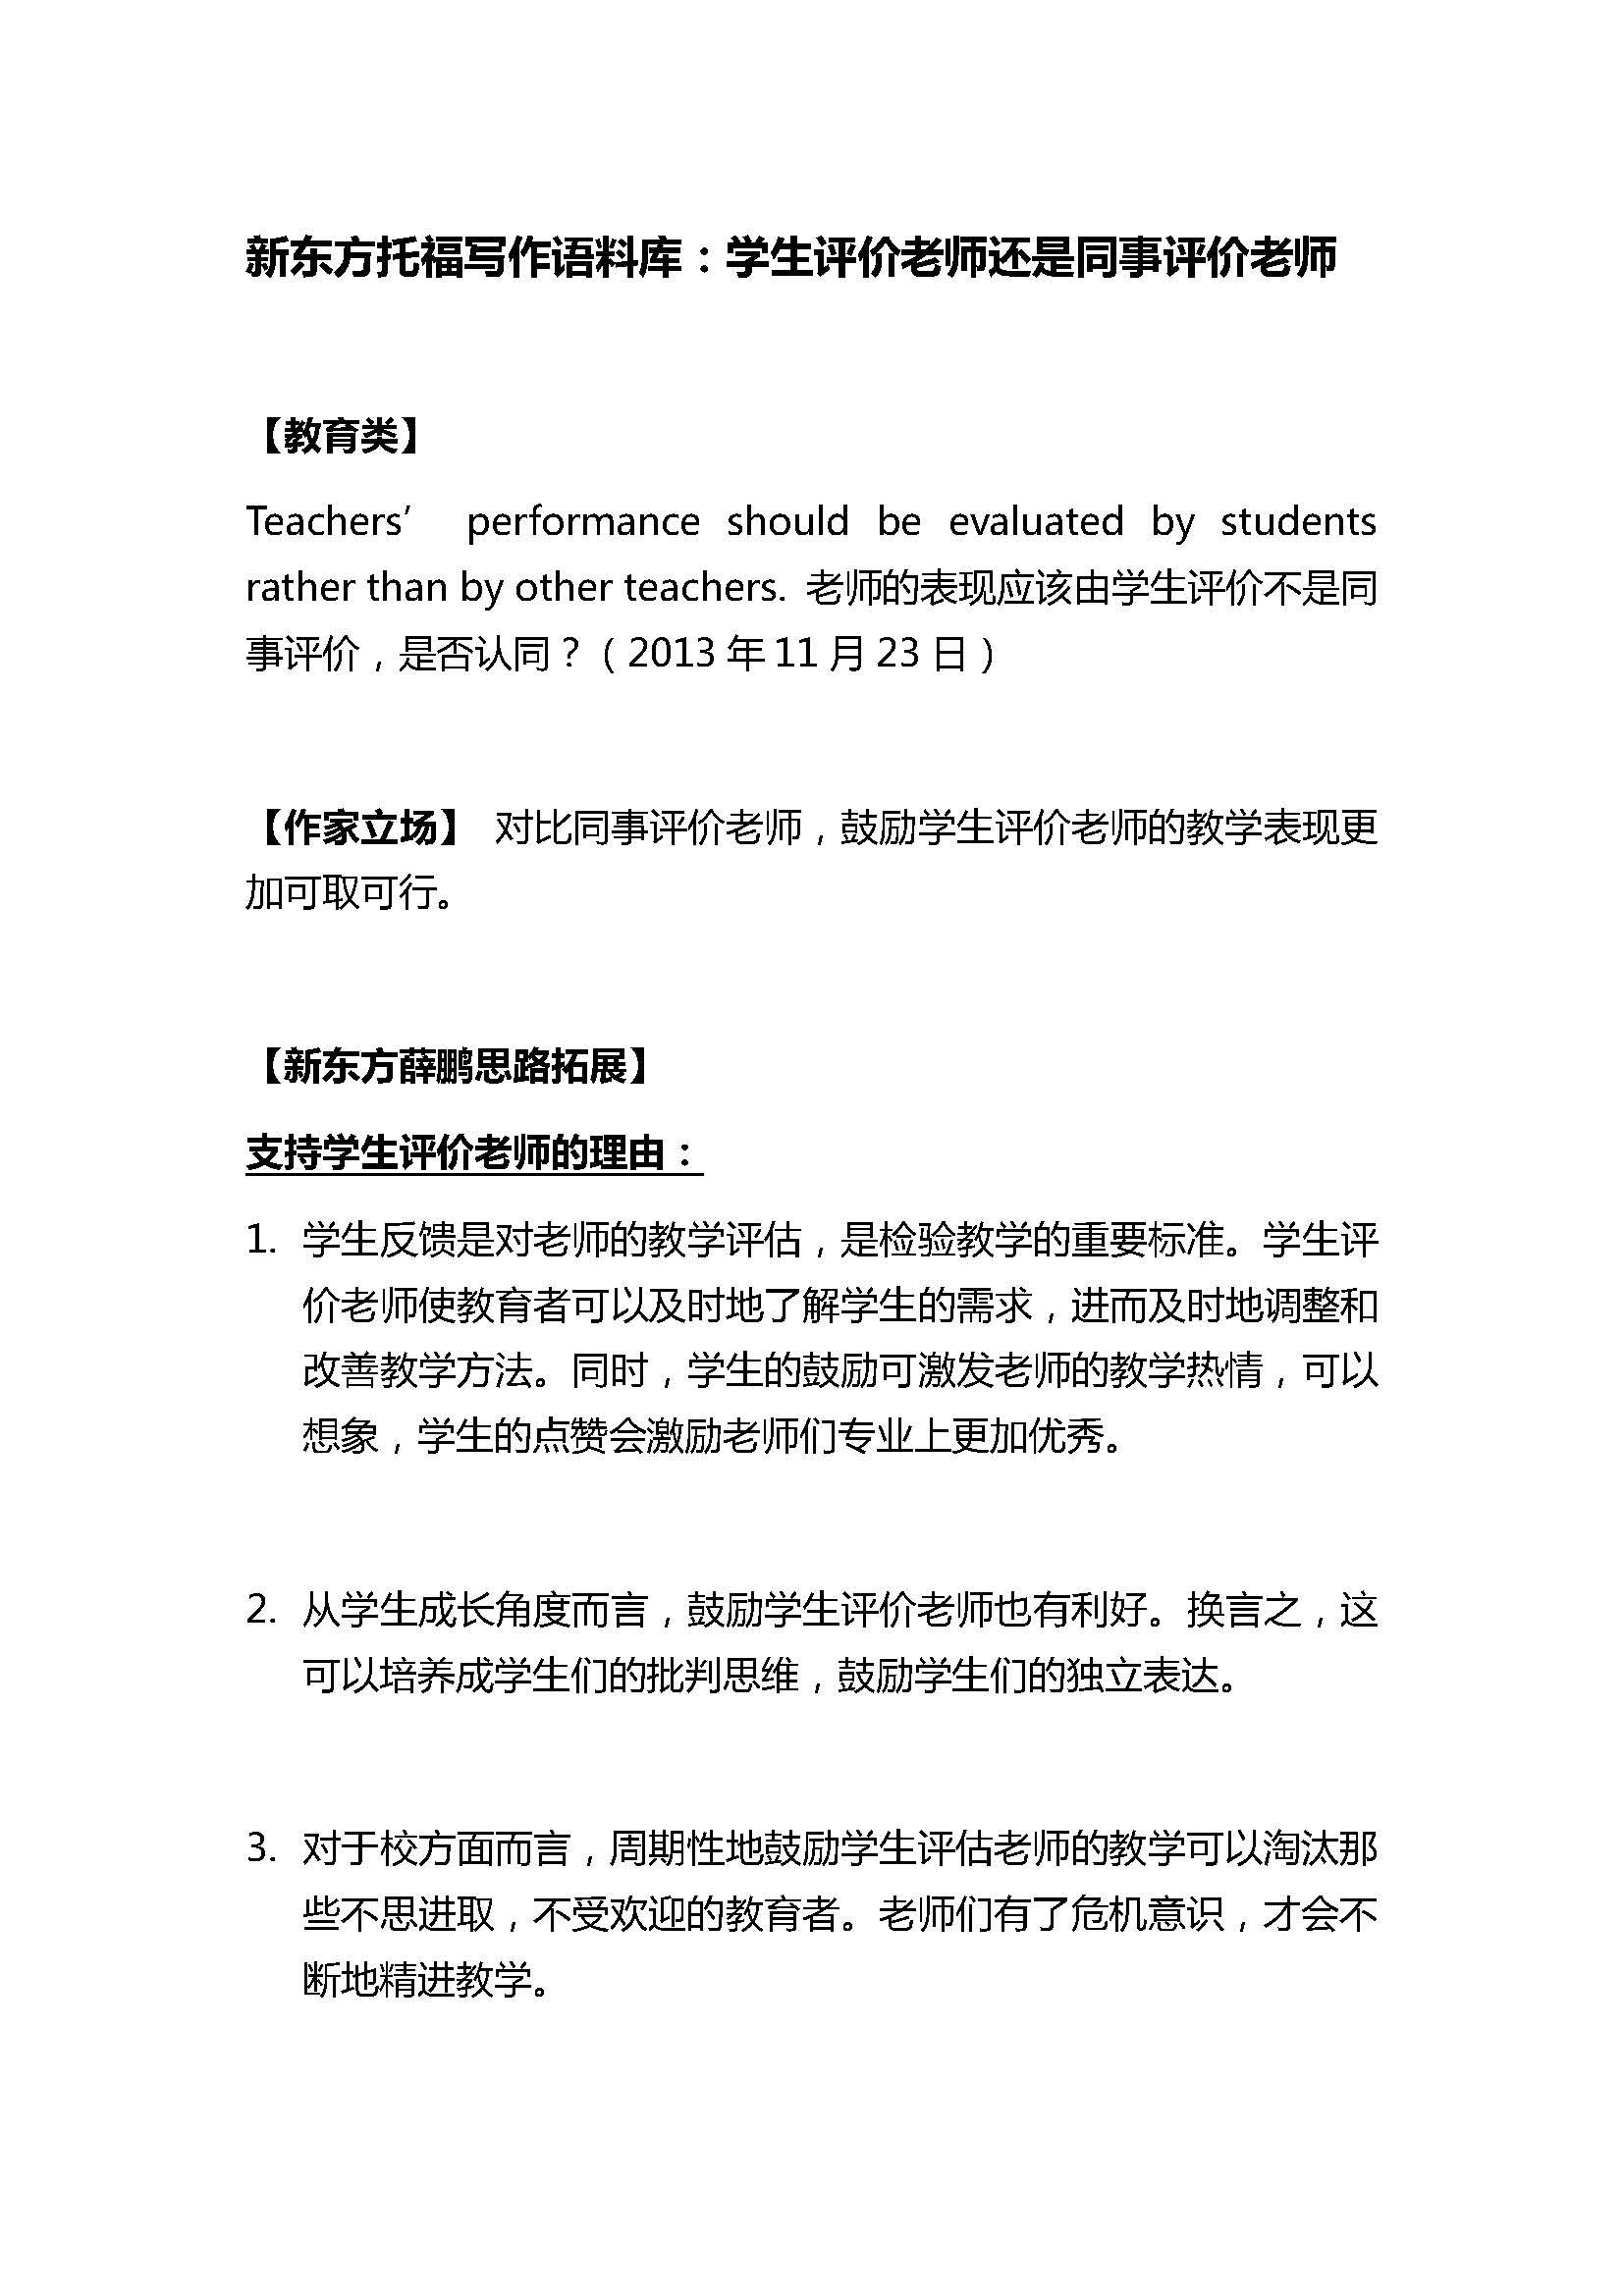 新东方薛鹏原创托福写作语料库:学生评价老师还是同事评价老师